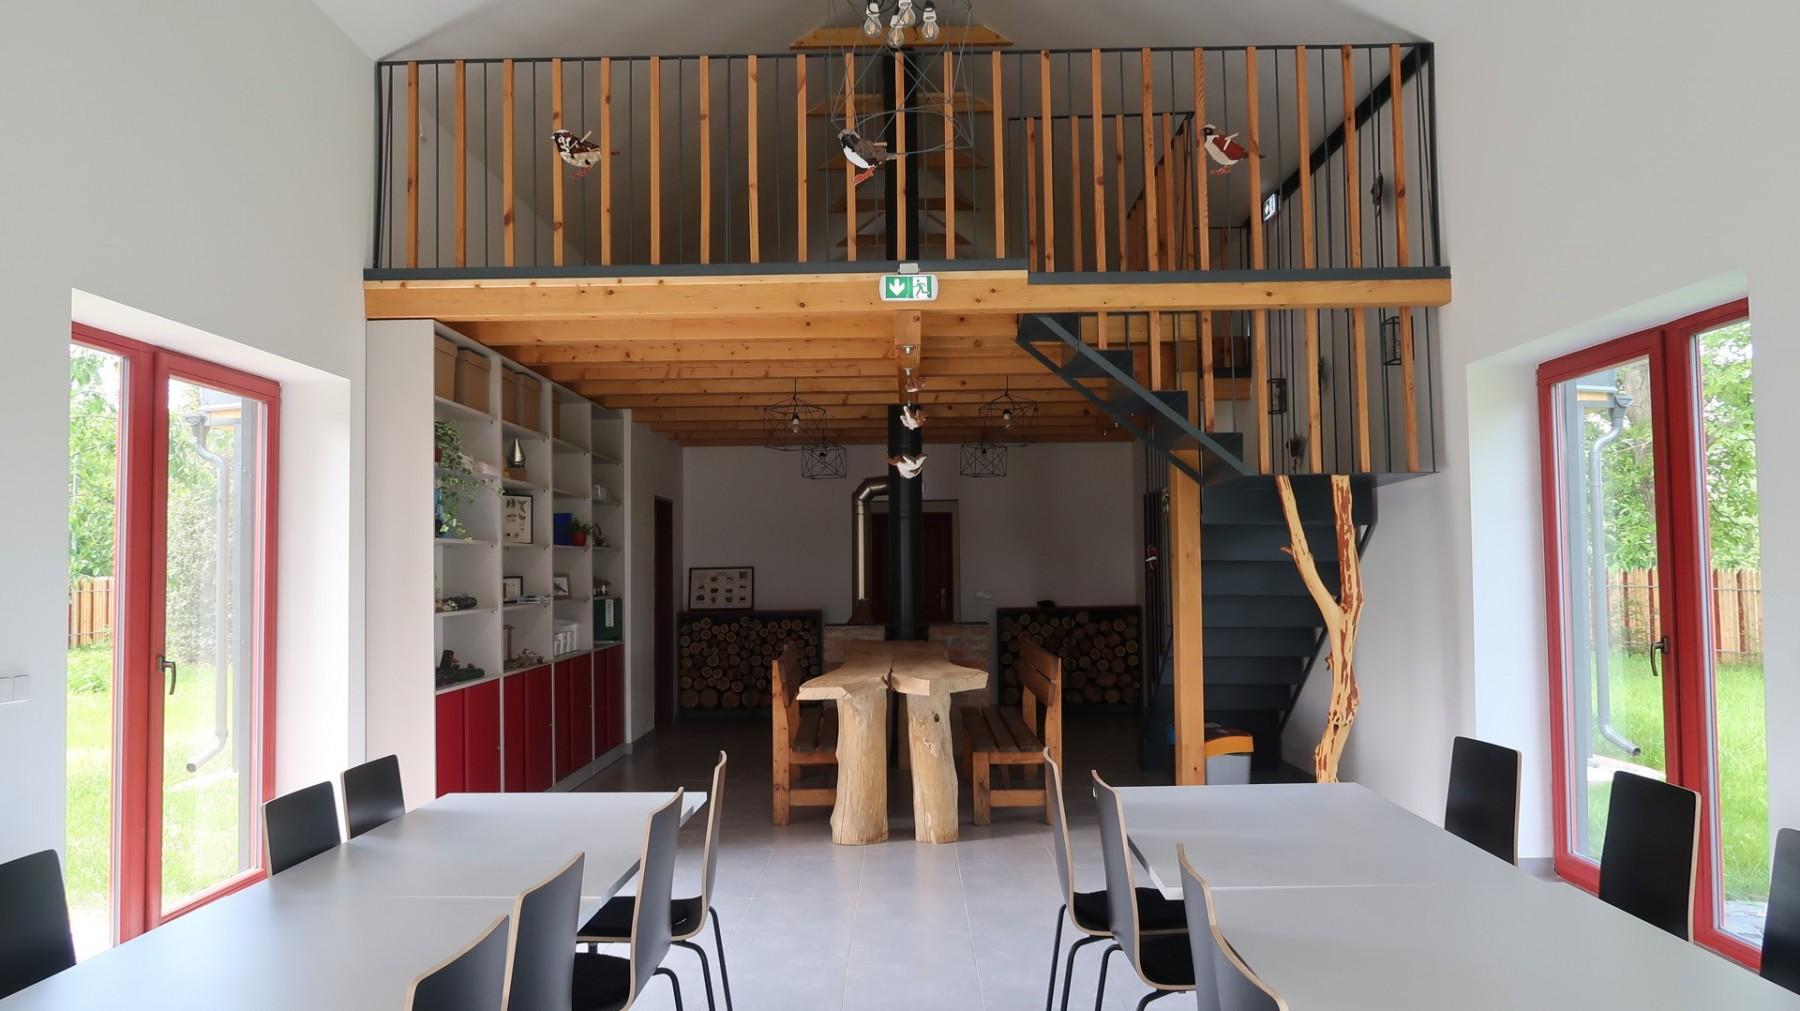 Dřevák - interier - učebna